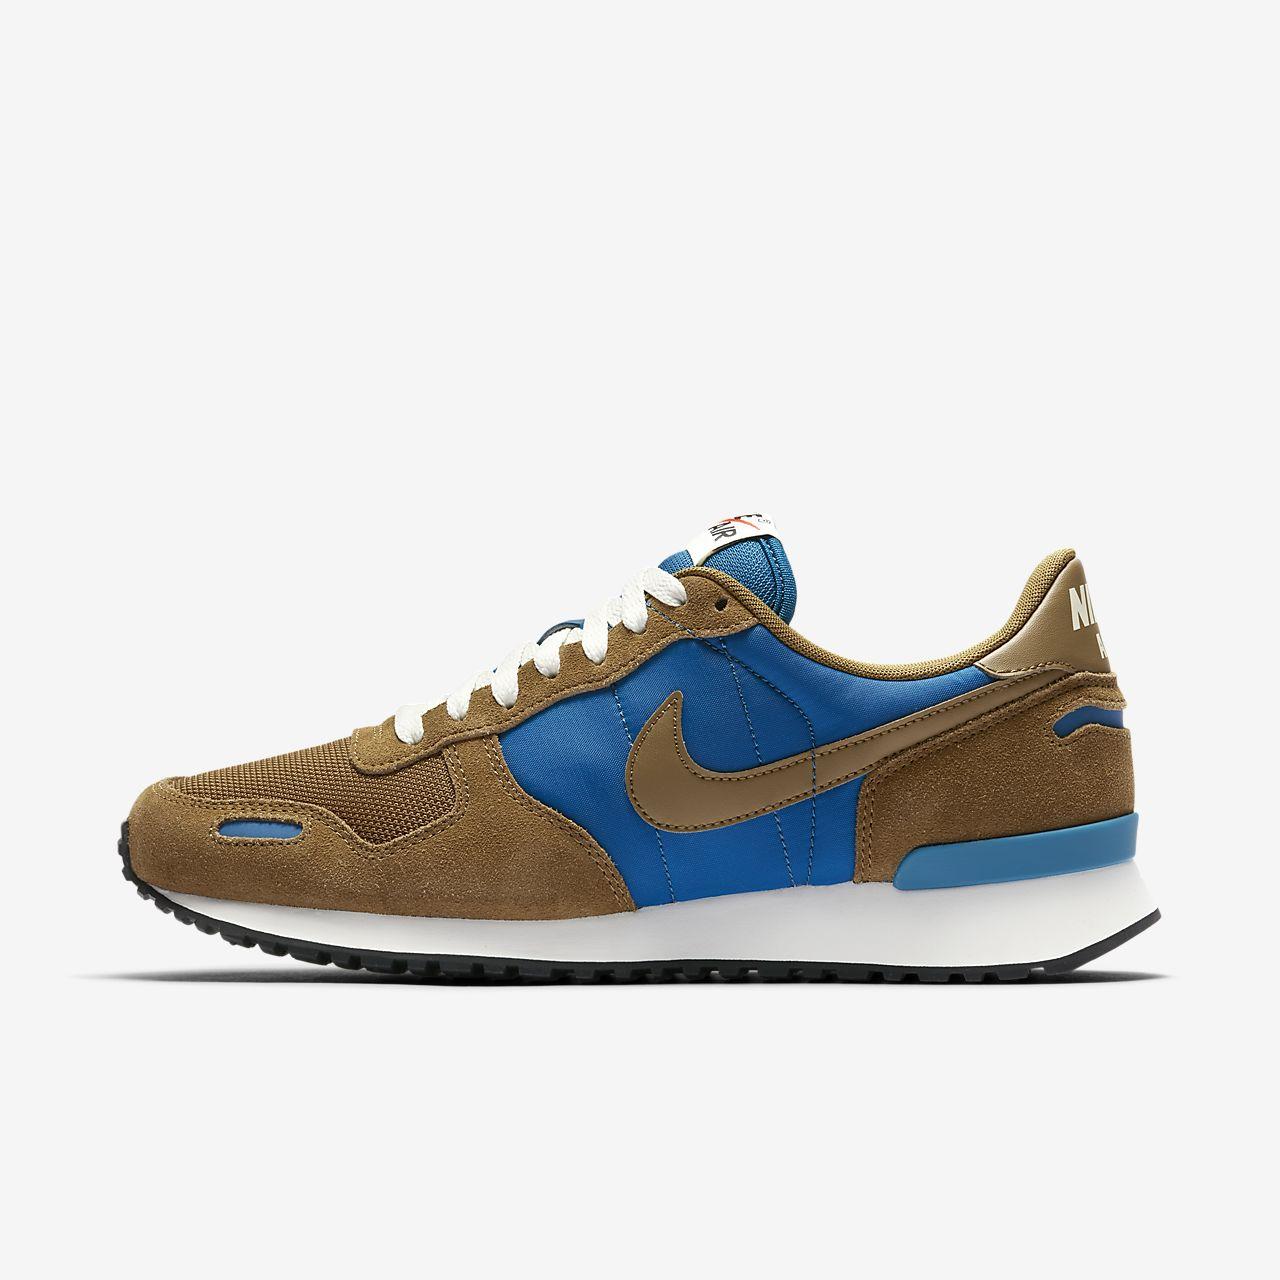 Vortex Air Chaussure Homme Nike Pour BorCedx